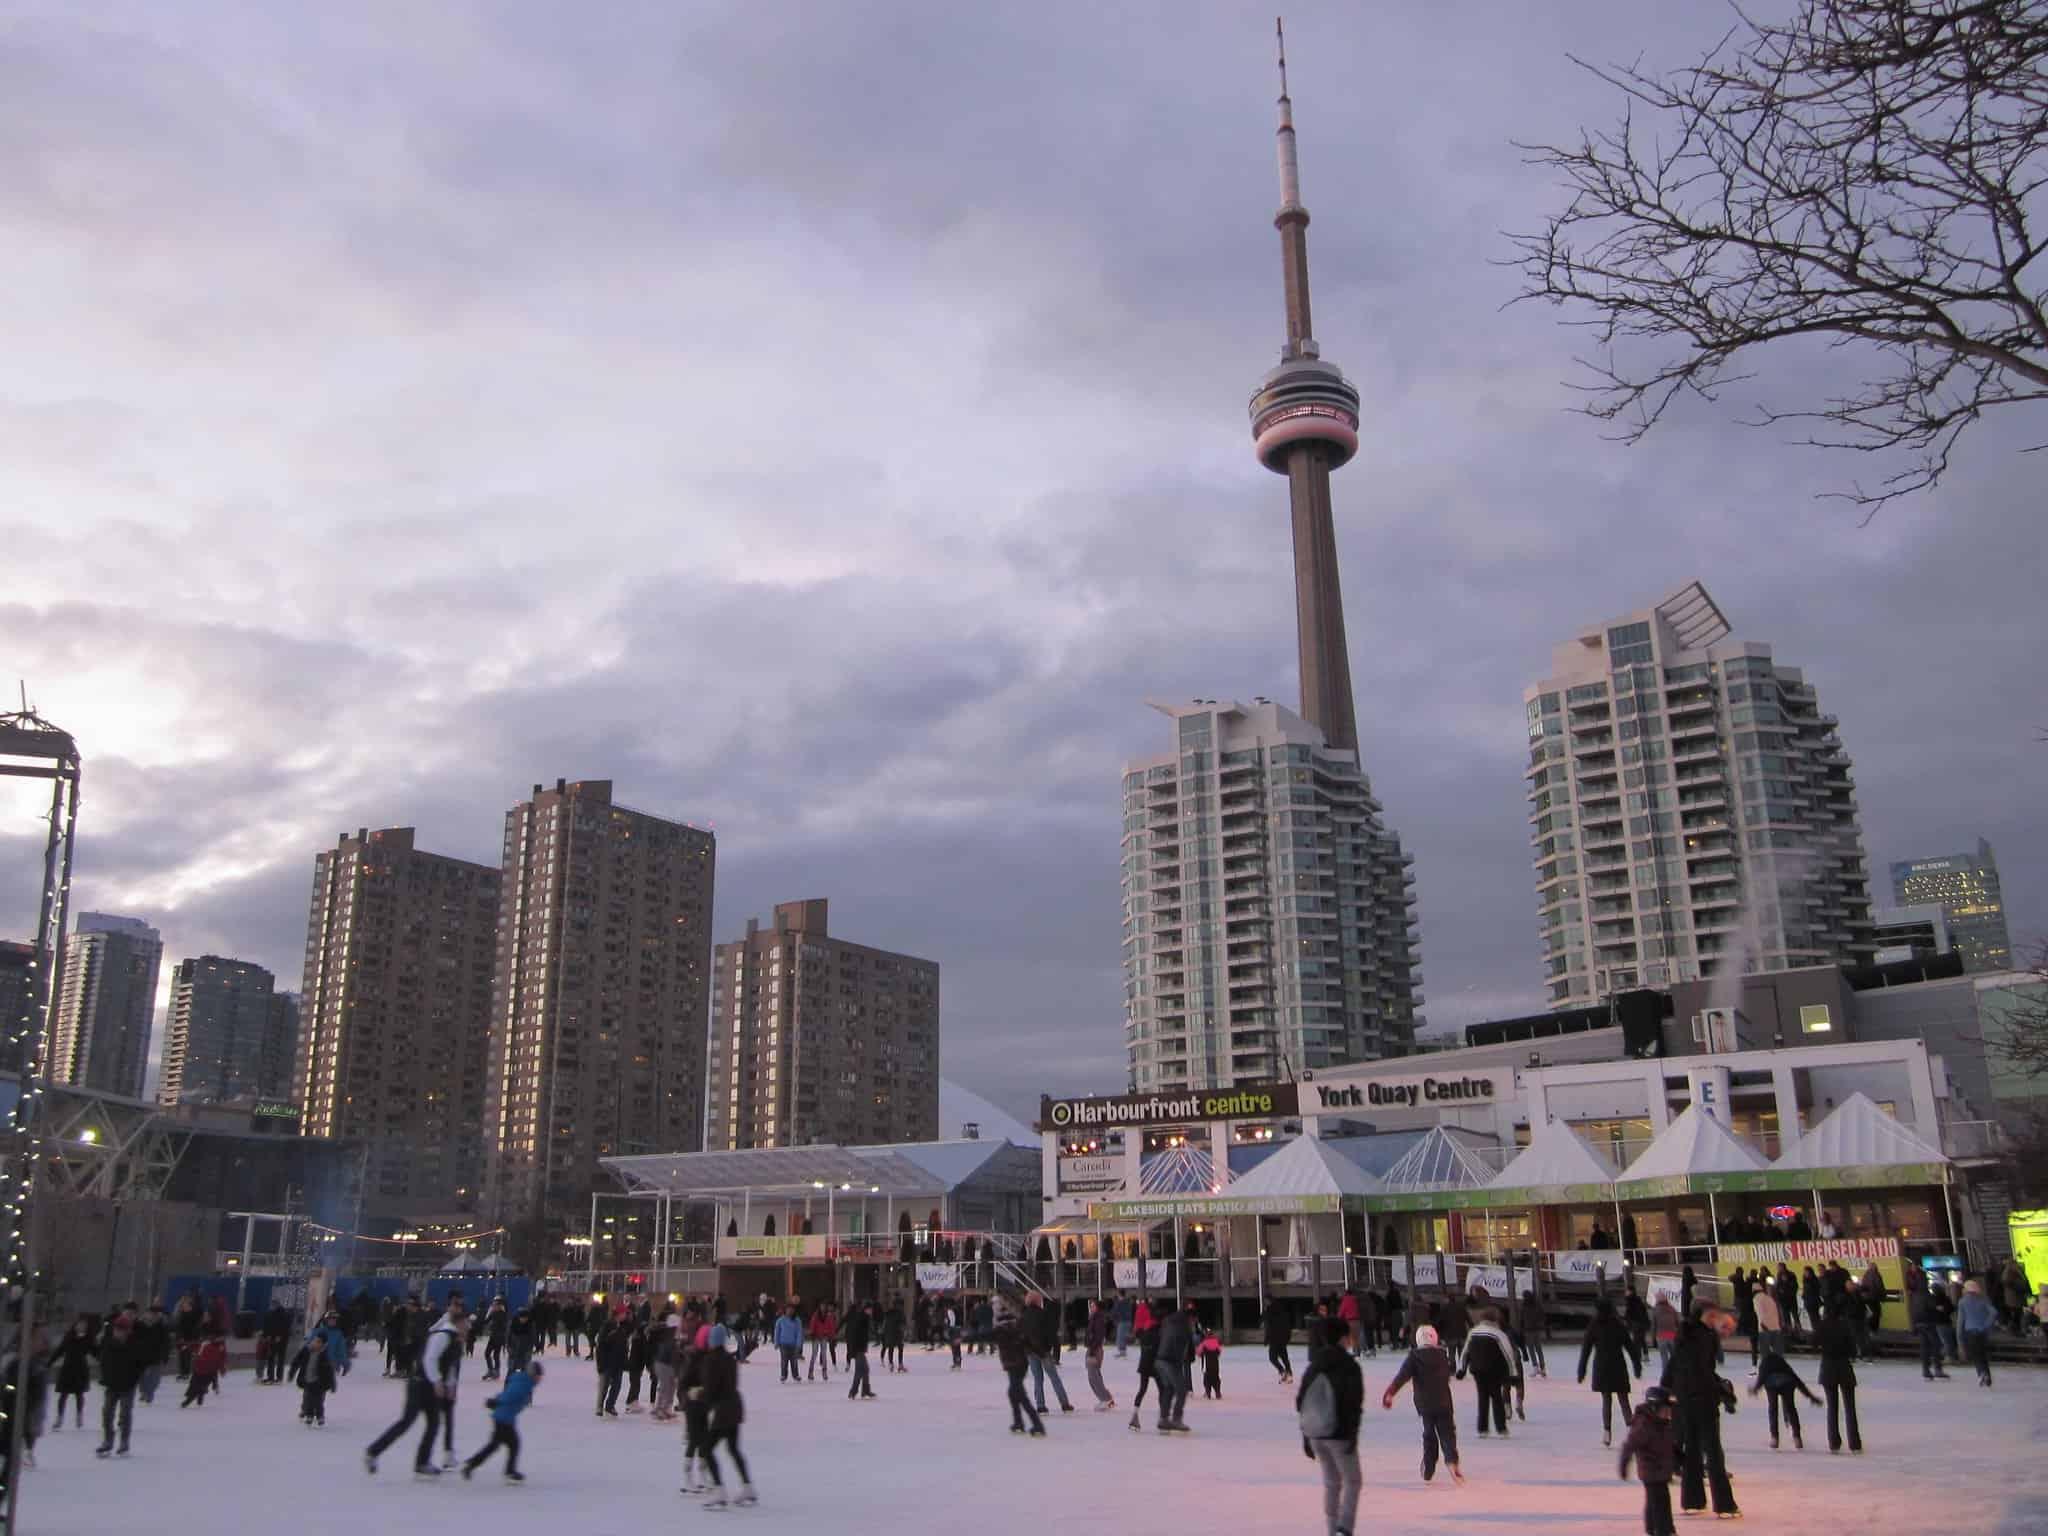 natrel rink harbourfront centre skating